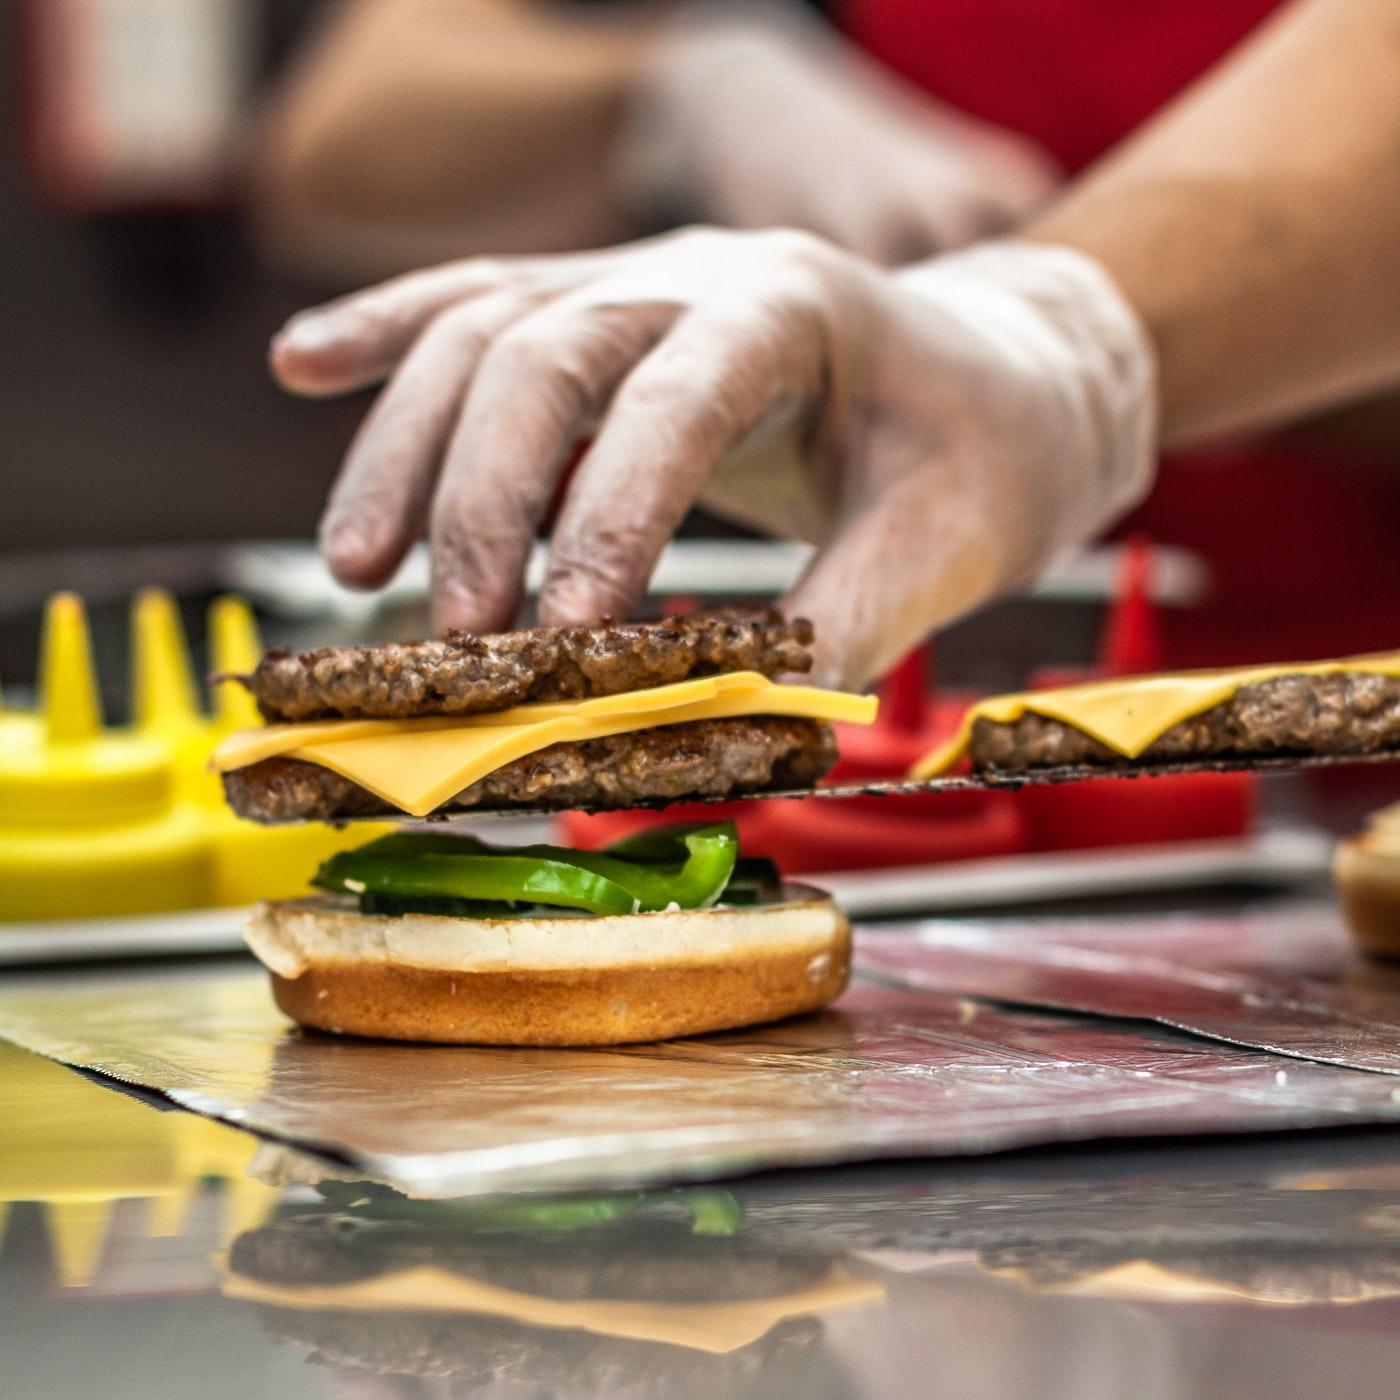 como preparar hamburguer com segurança